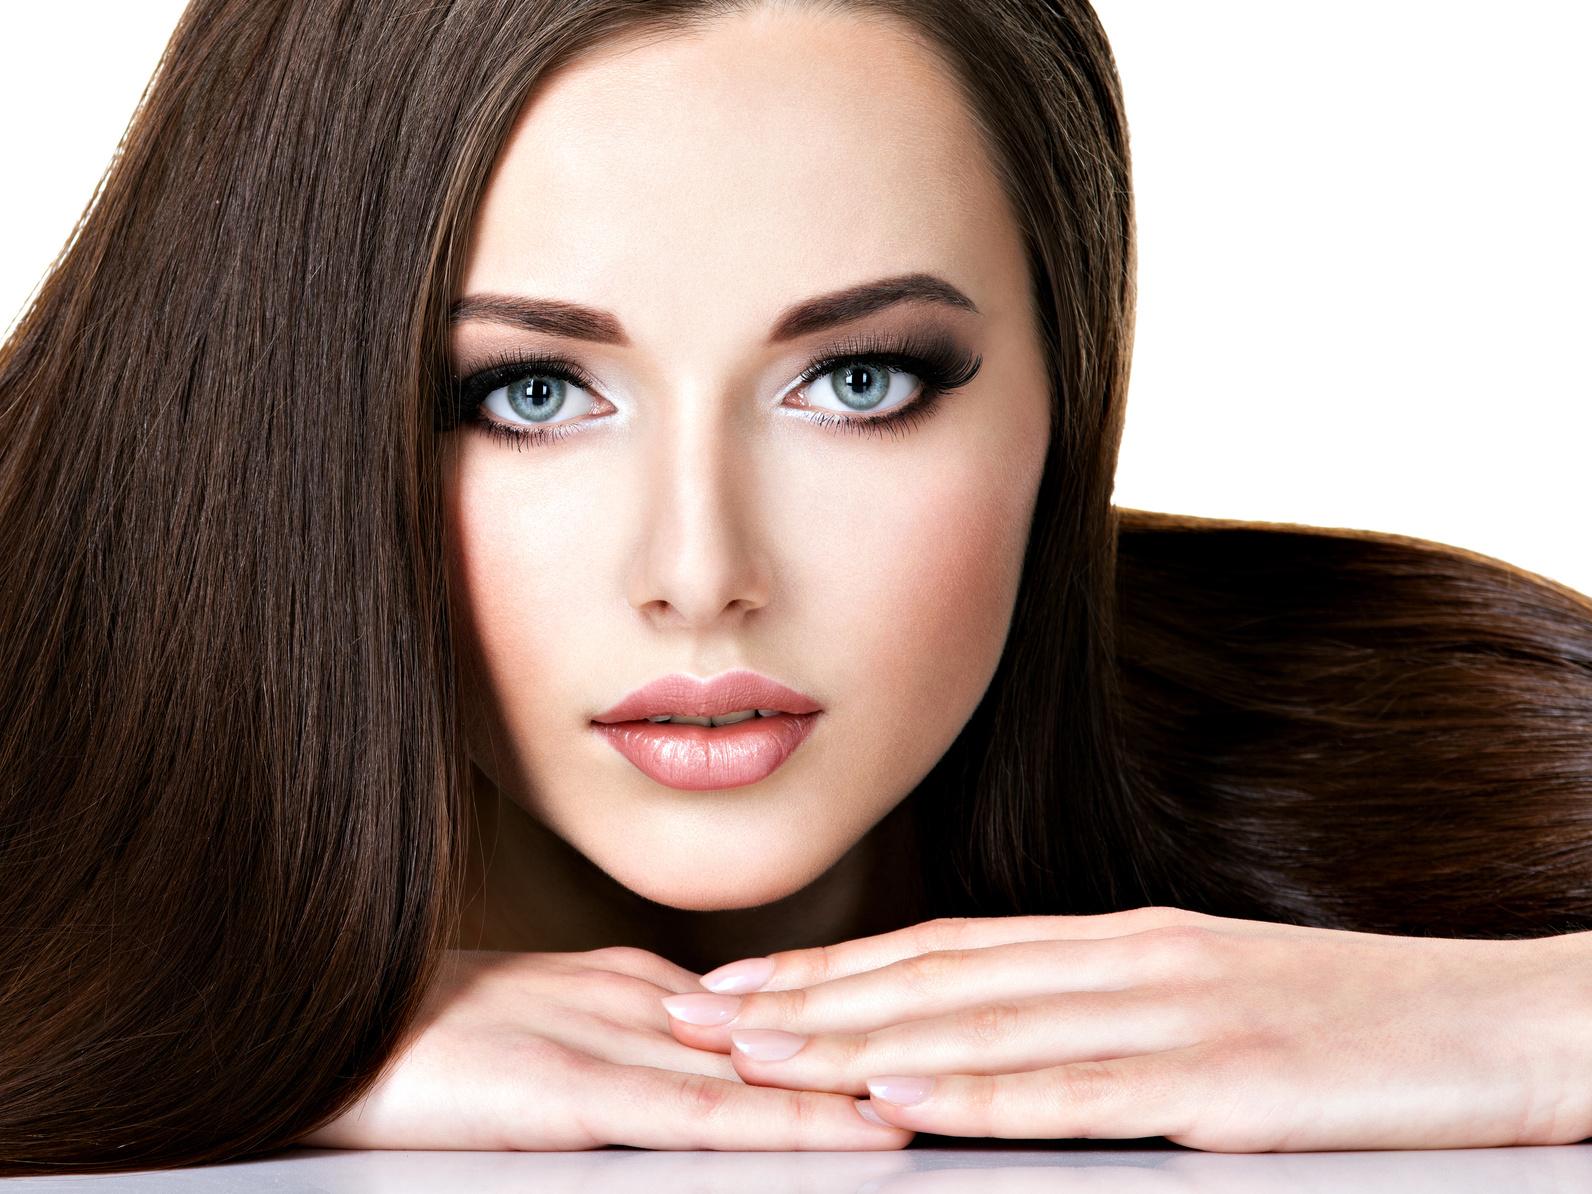 Hiustenleikkaus värjäyksellä tai raidoilla ja valinnaisella kulmien värjäyksellä ja muotoilulla alk. 40€ (säästä jopa 63%)